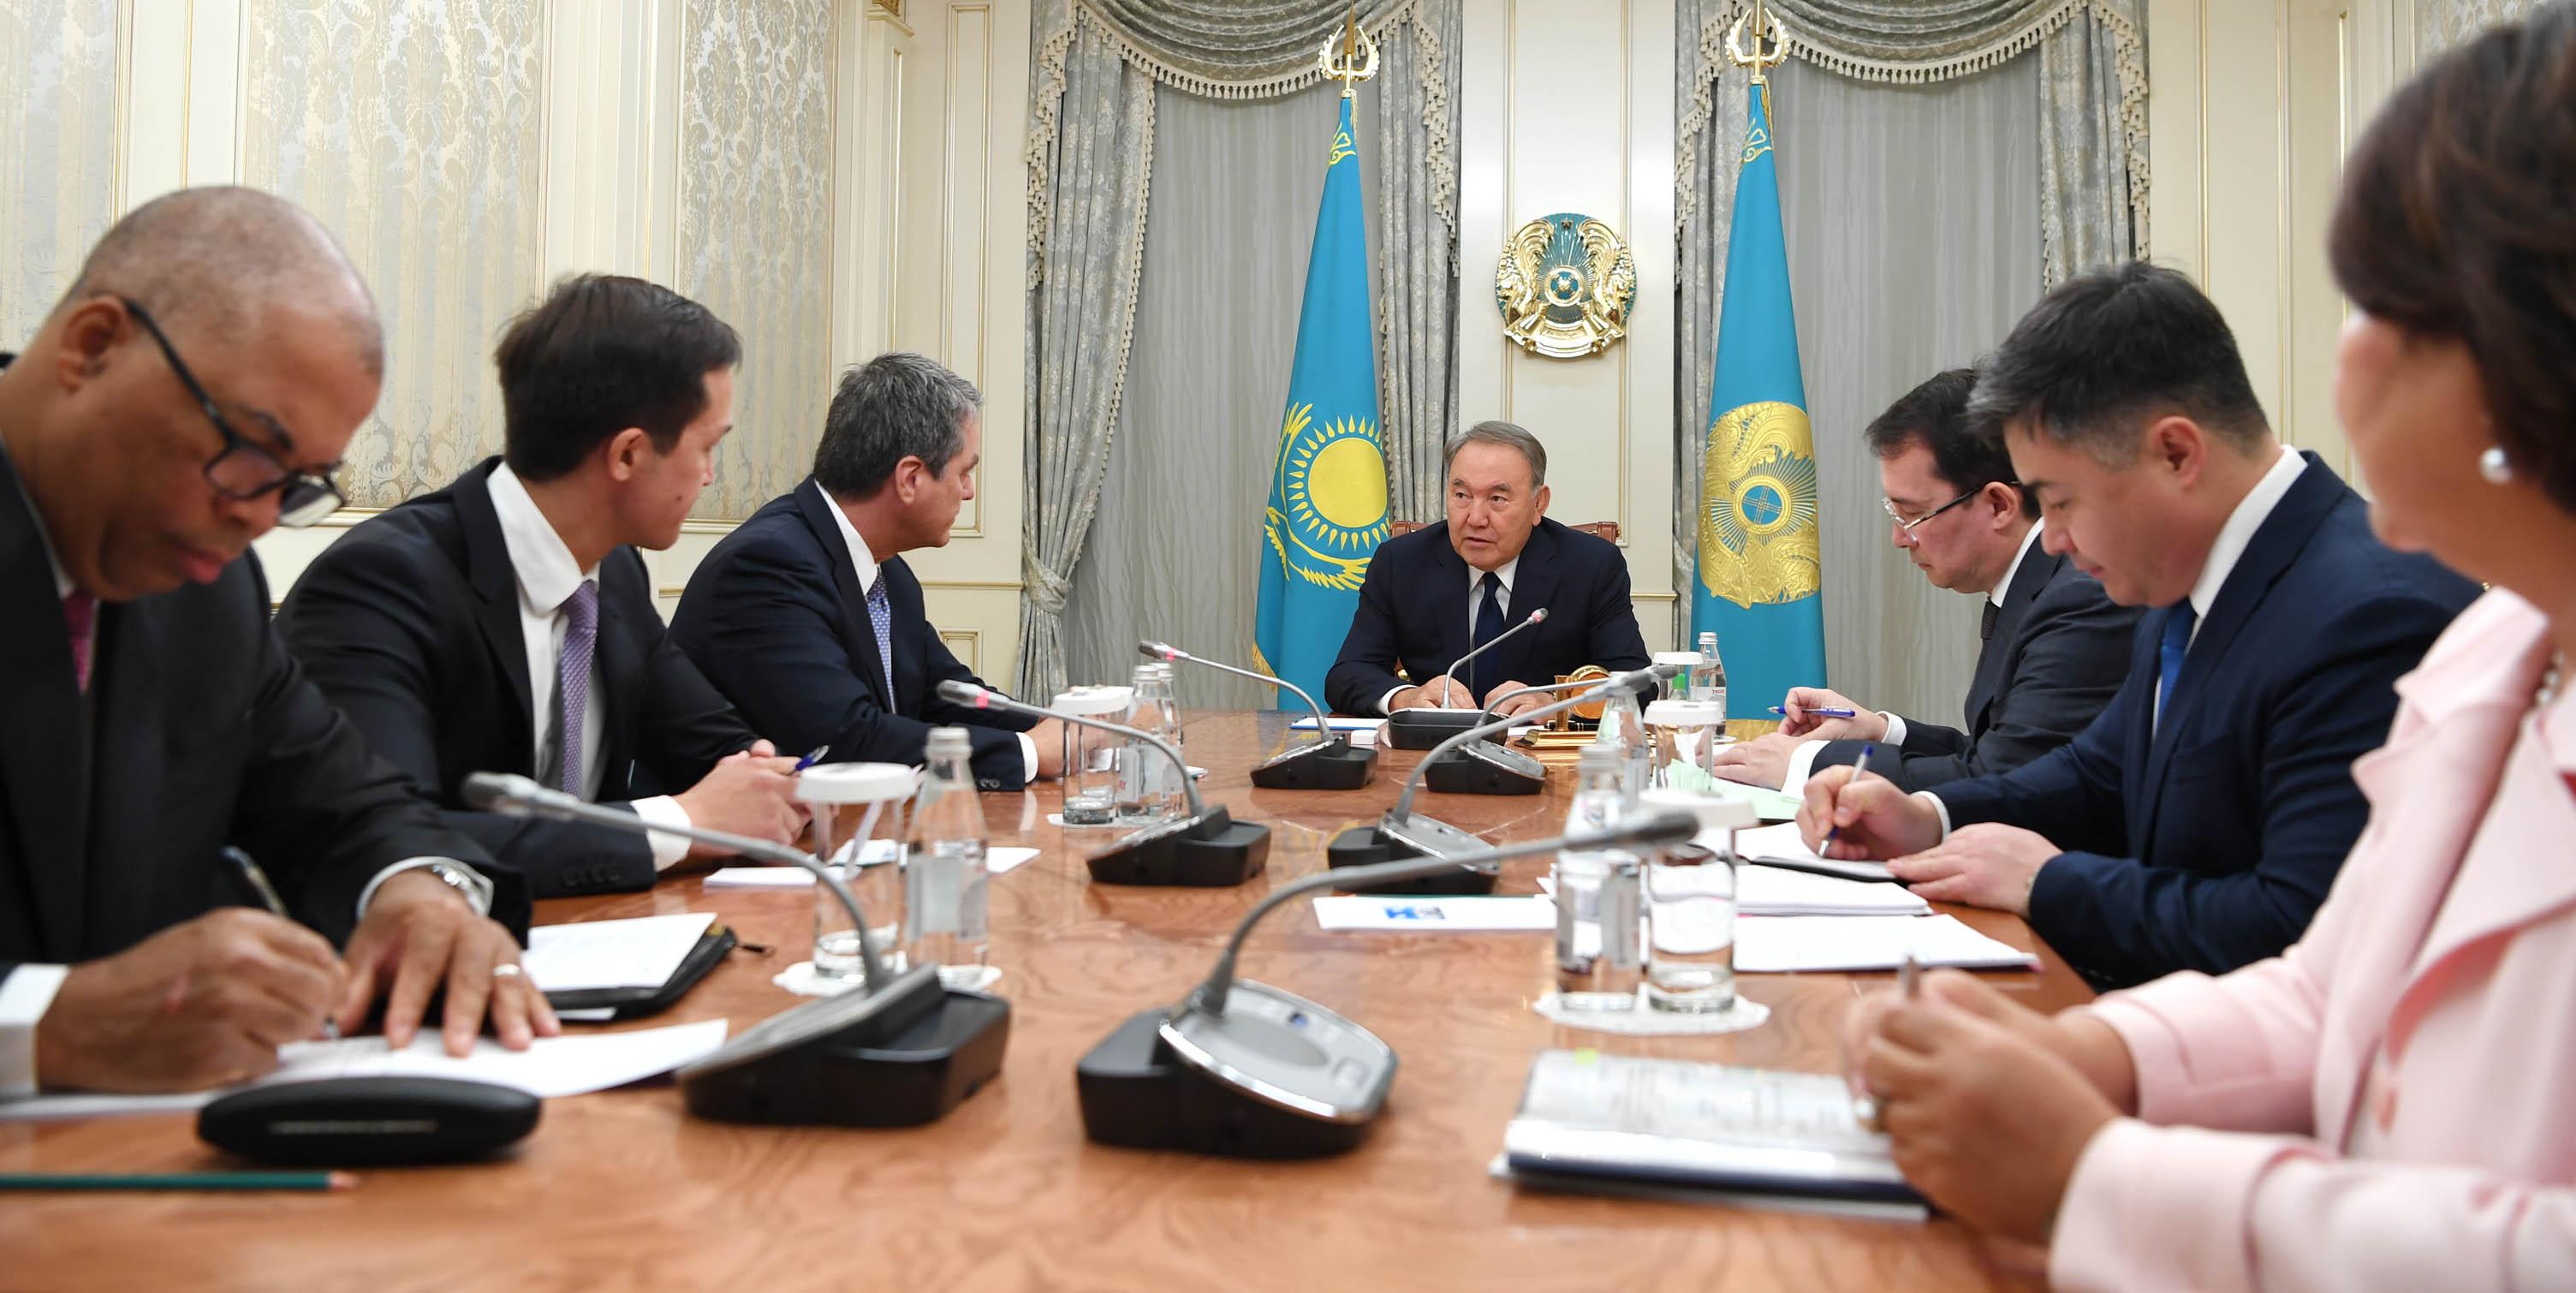 Президент РК обсудил с главой ВТО подготовку к проведению министерской конференции в Астане